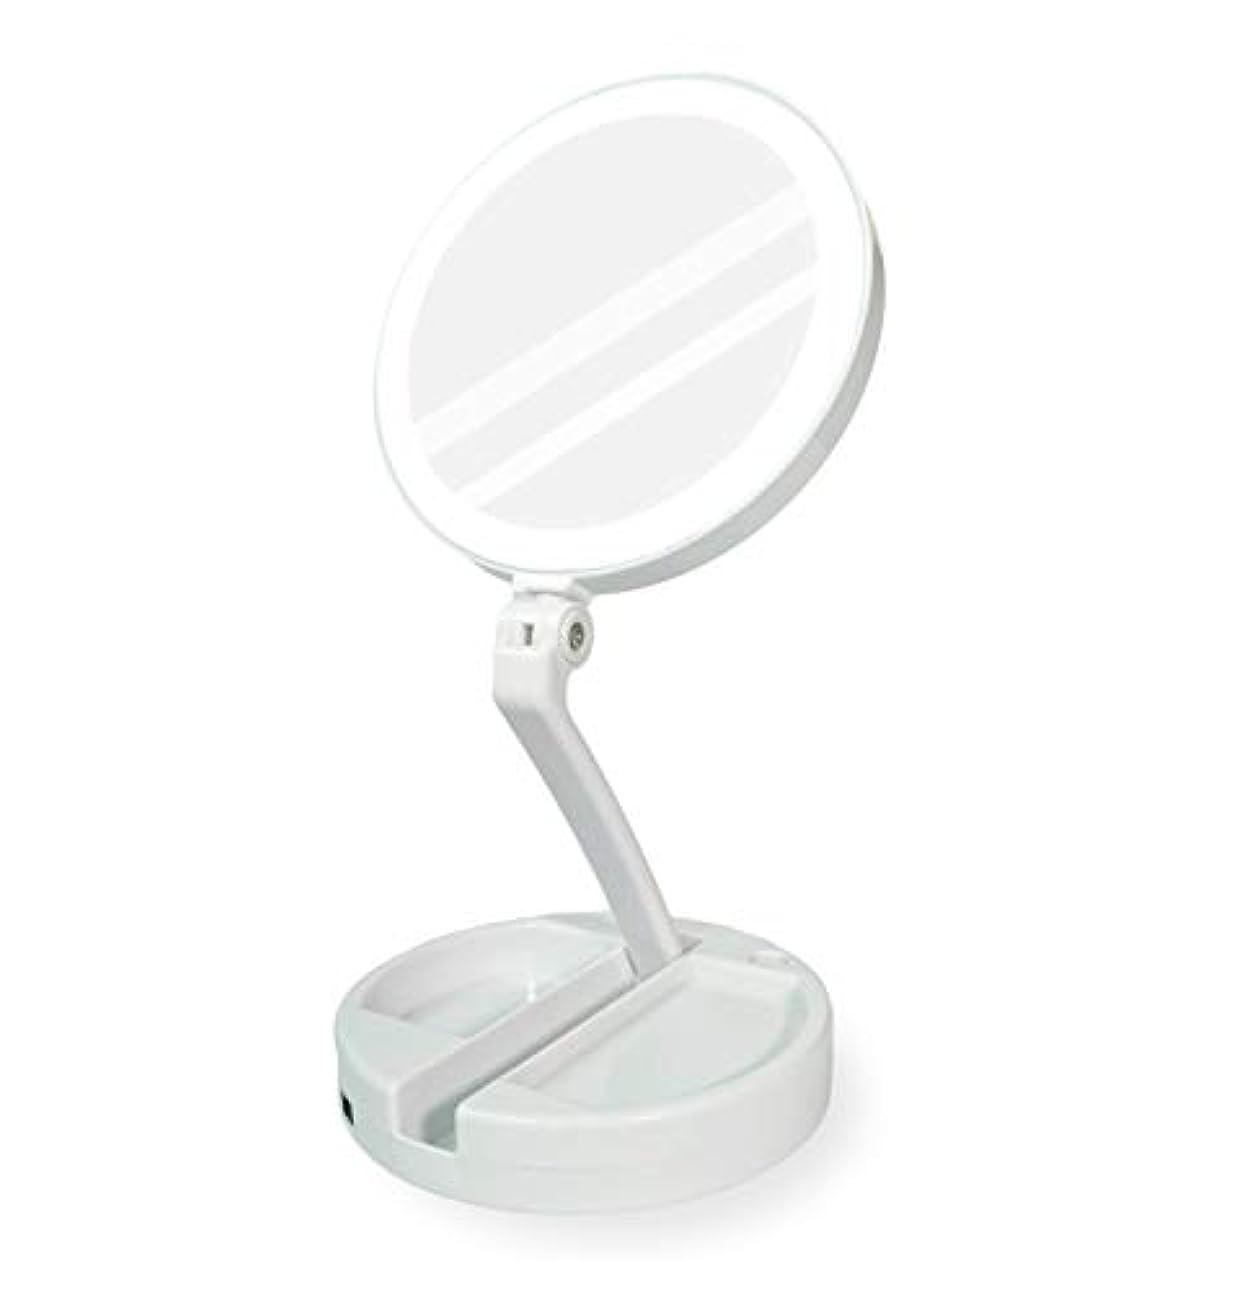 練る作成者取るに足らないYEEZEN 両面拡大鏡 等倍と10倍拡大 化粧 無段調光 卓上鏡 ライト付き拡大鏡 化粧鏡 ライトつきミラー 折りたたみ式 360°回転 収納しやすい 鏡 led 拡大ミラー